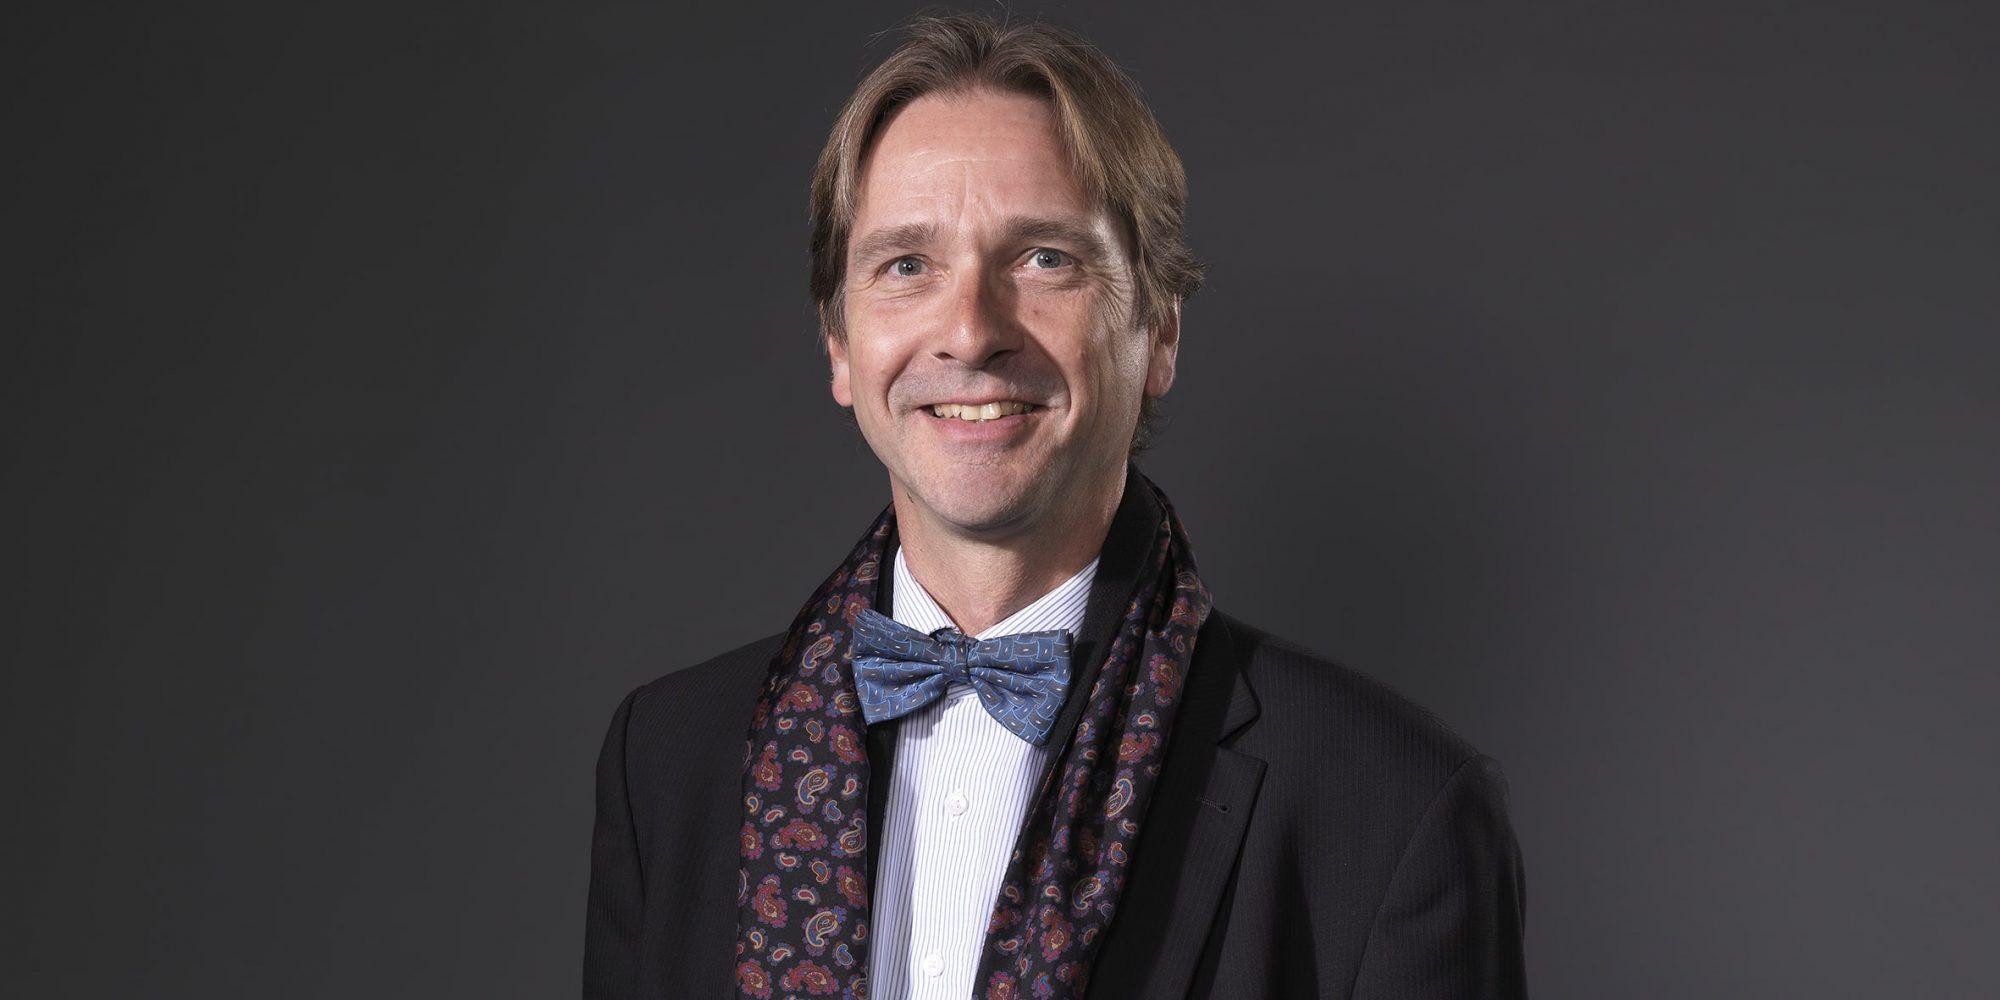 Prof. Dr. Bernhard Maaz, Generaldirektor der Bayerischen Staatsgemäldesammlungen, Foto: Haydar Koyupinar